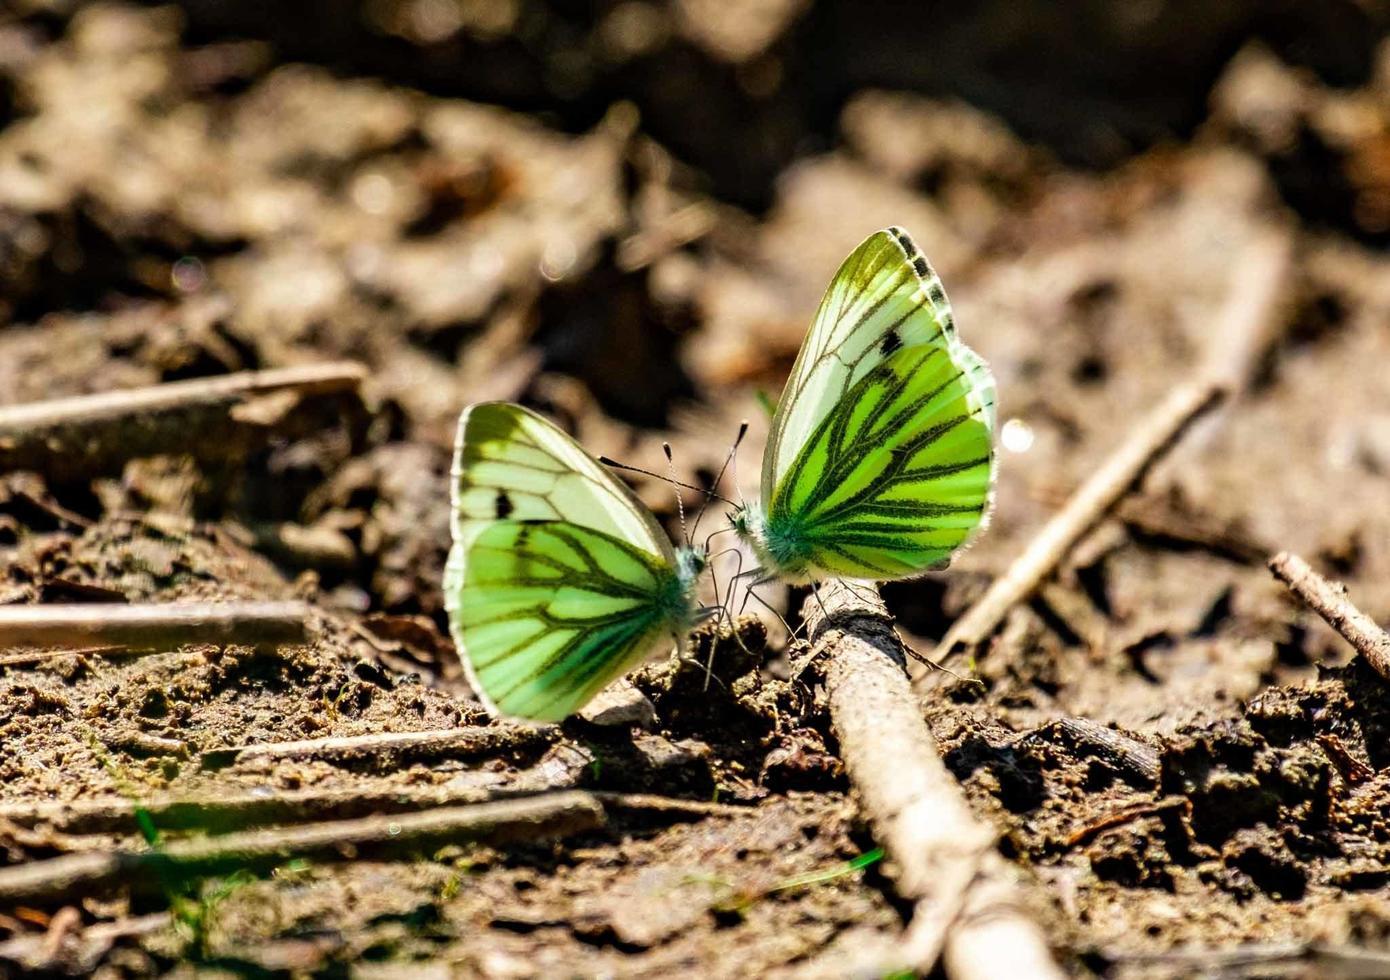 deux papillons aux ailes vertes se rencontrent sur une branche photo